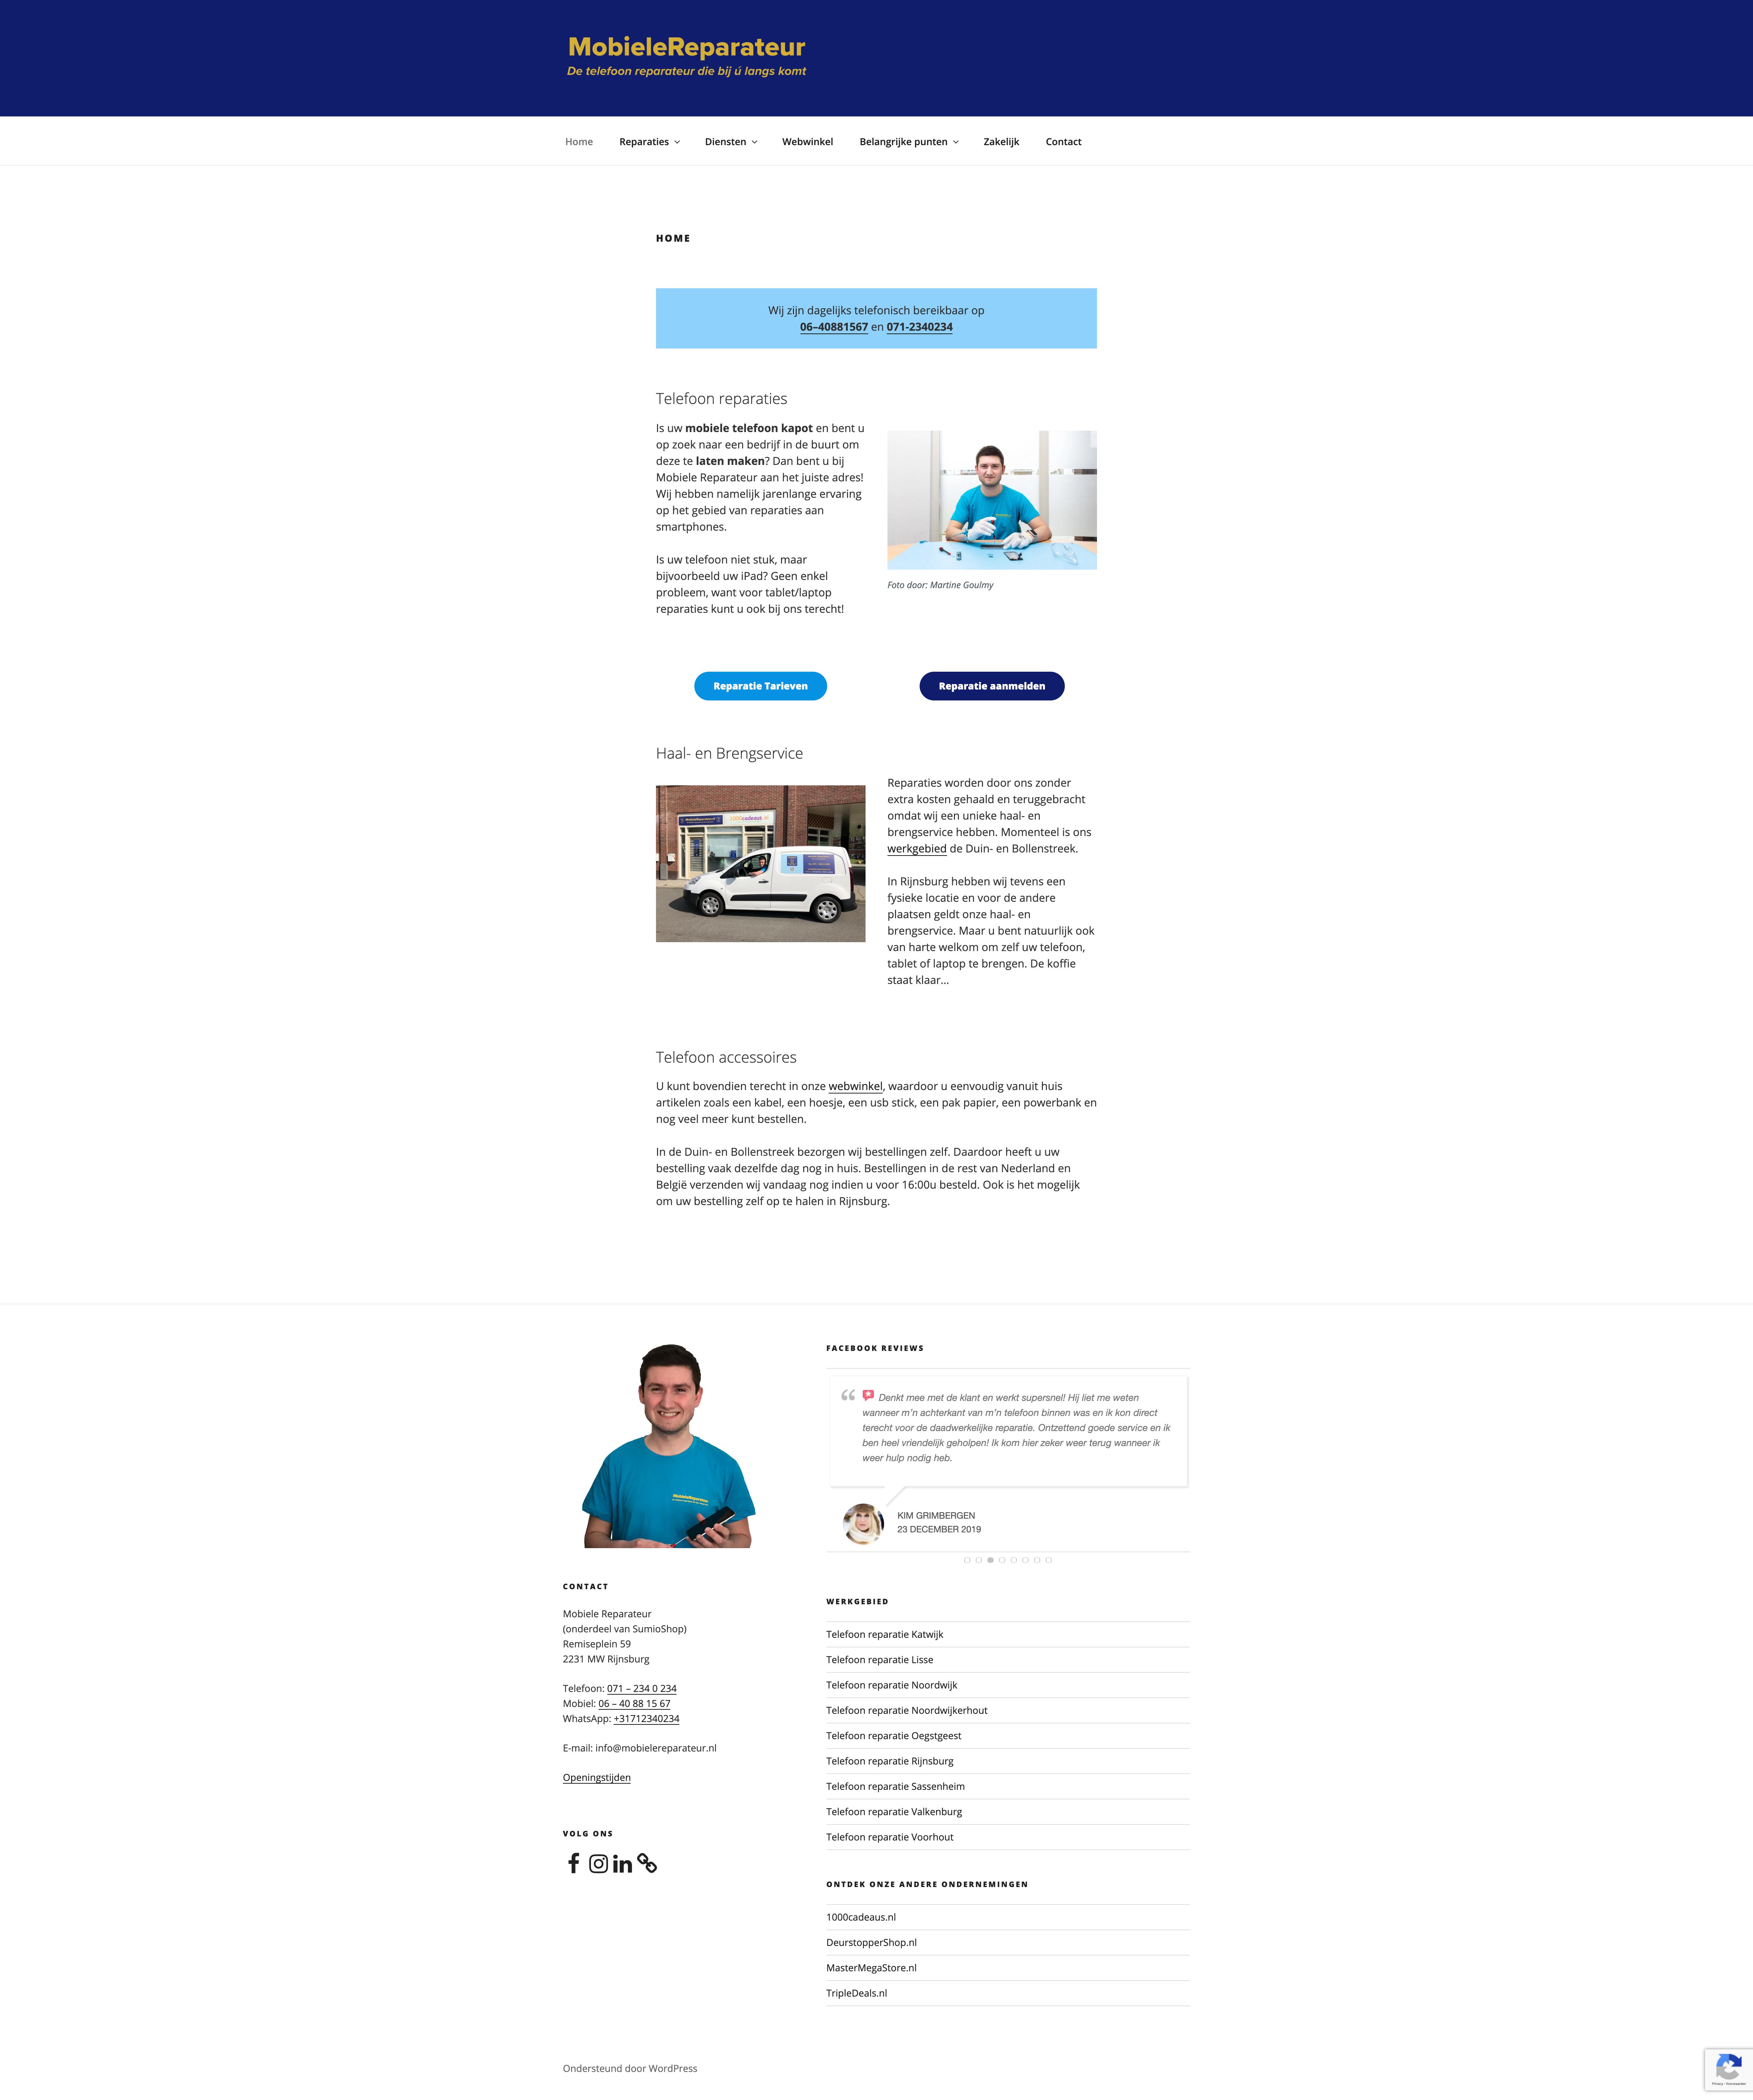 Schermafbeelding van de website van Mobiele Reparateur